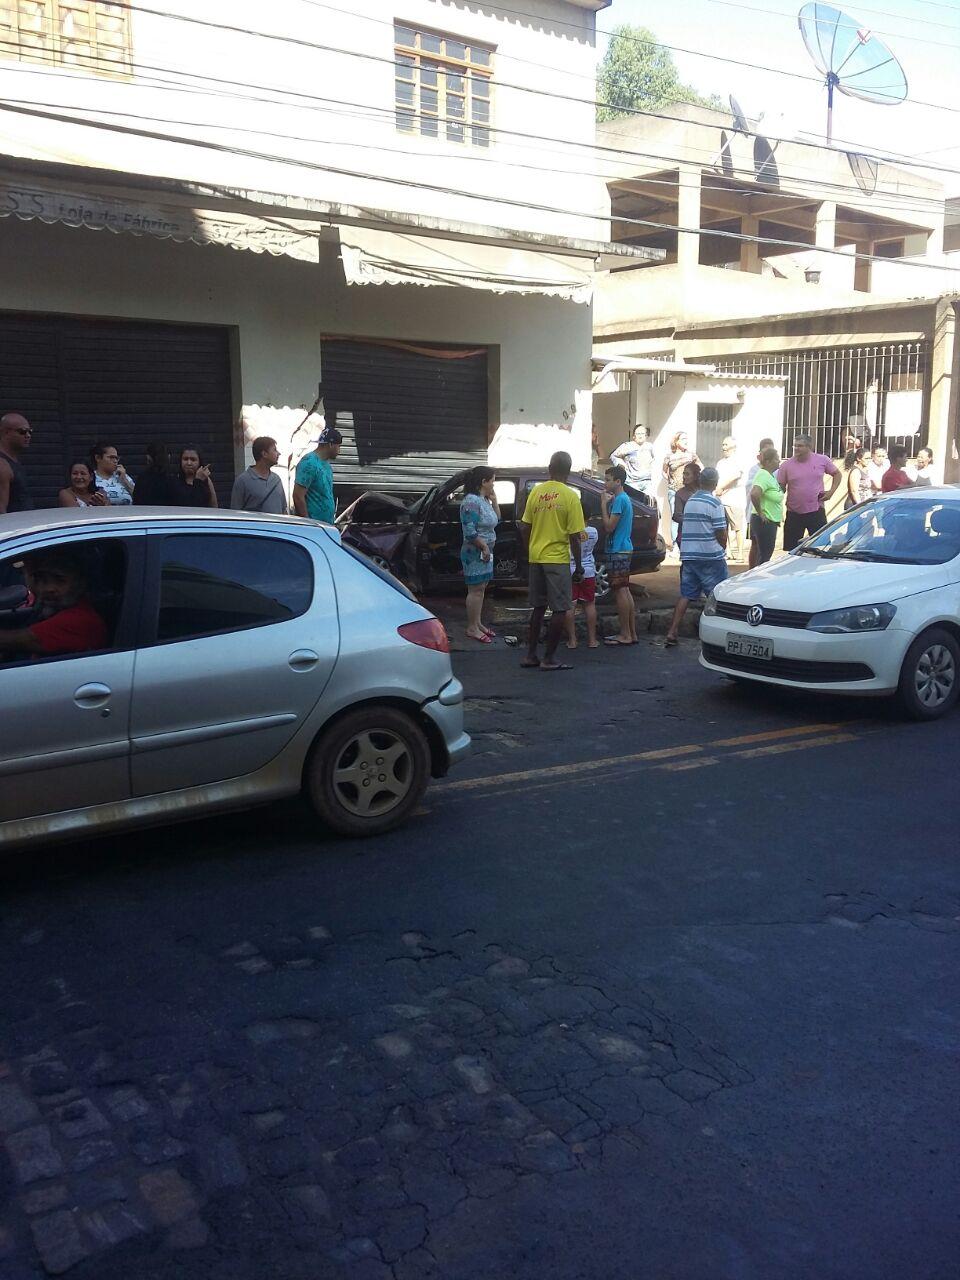 Idoso morre após bater carro em porta de fábrica de roupas no bairro São Braz, em Colatina